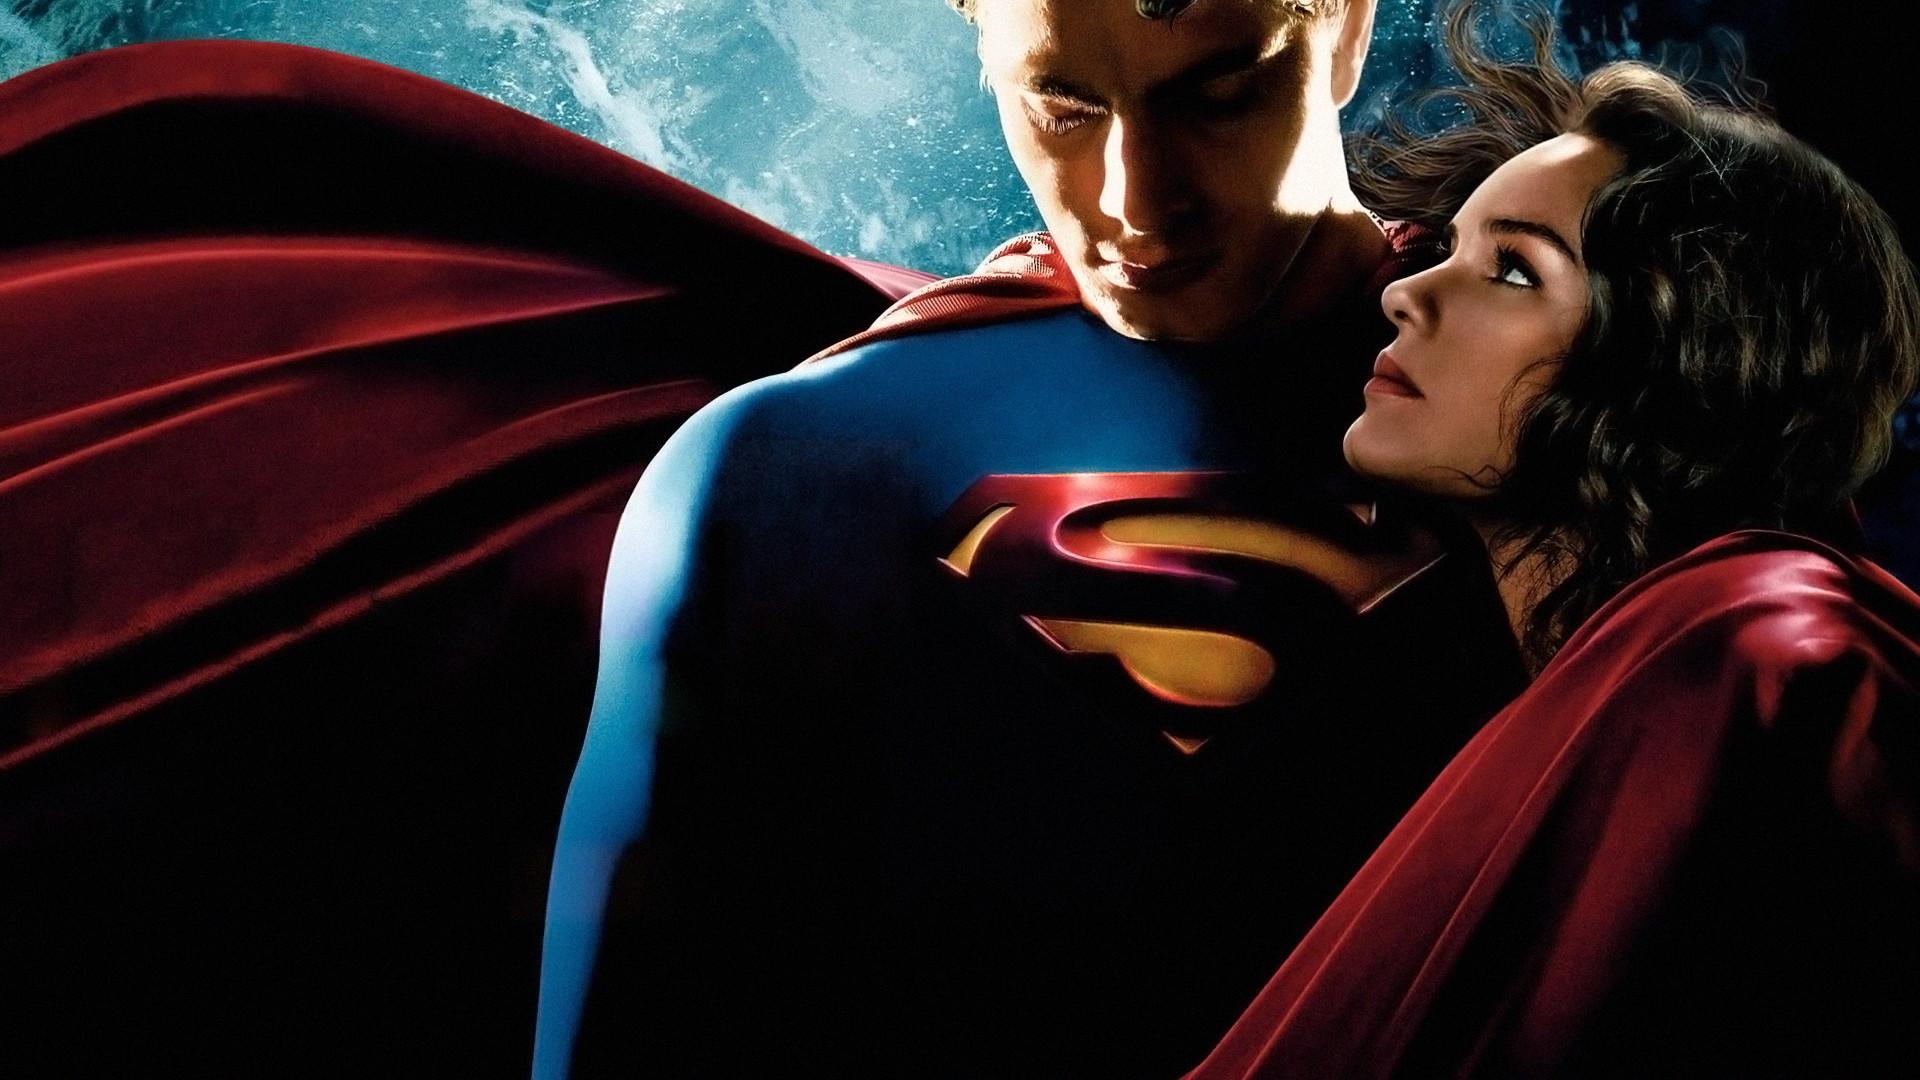 Le rapport entre les super-héros et le développement psychologique